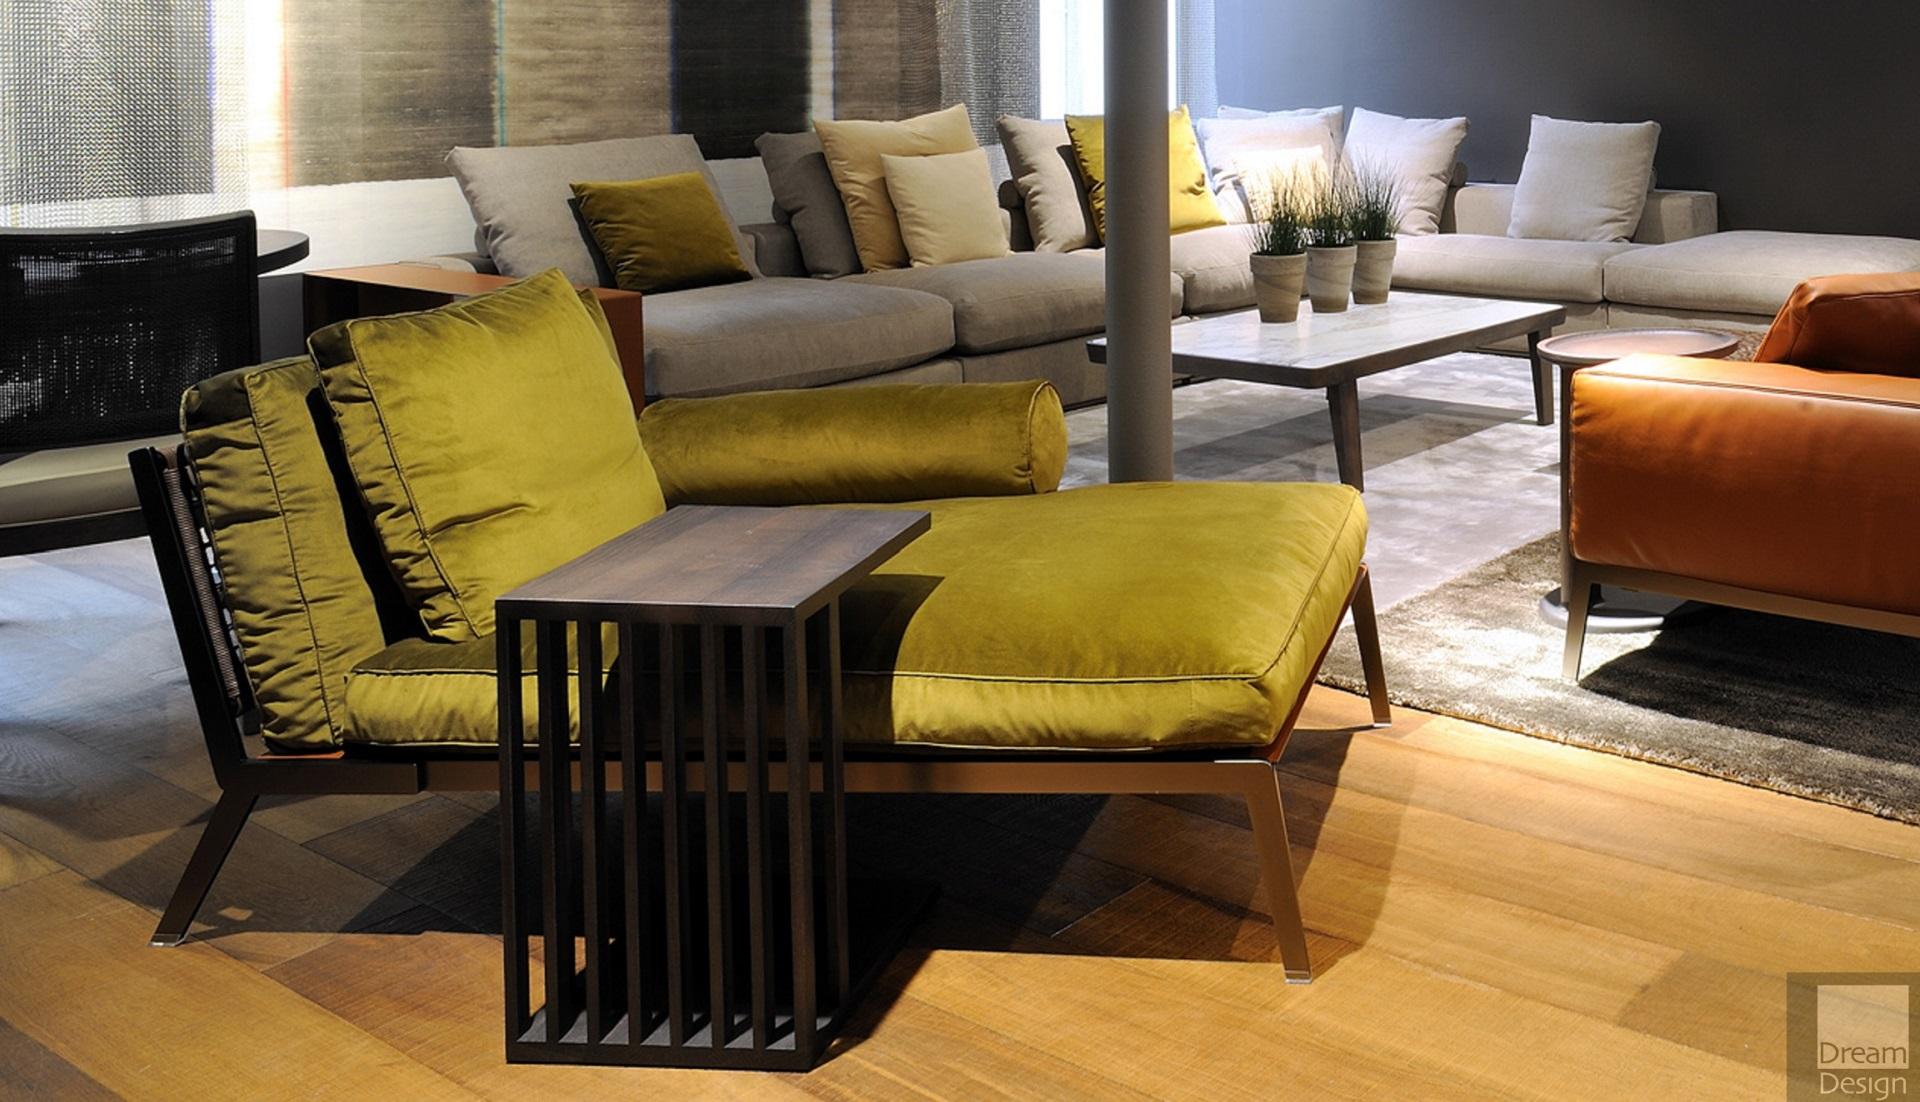 Flexform happy chaise longue dream design interiors ltd - Chaise longue design ...